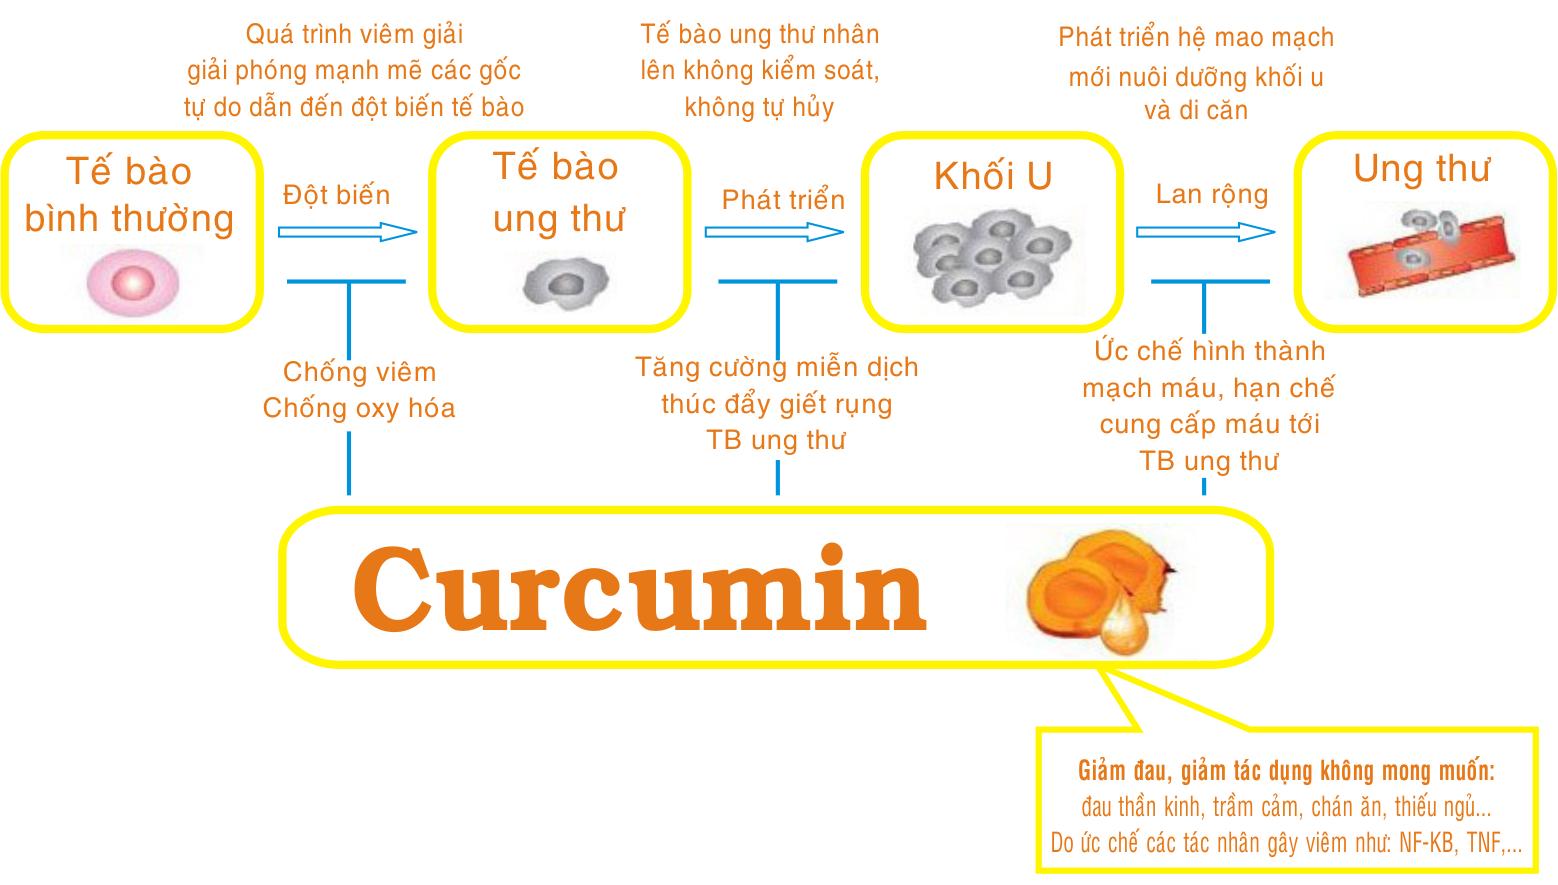 Cơ chế chống ung thư của hợp chất Curcumin trong củ Nghệ 1